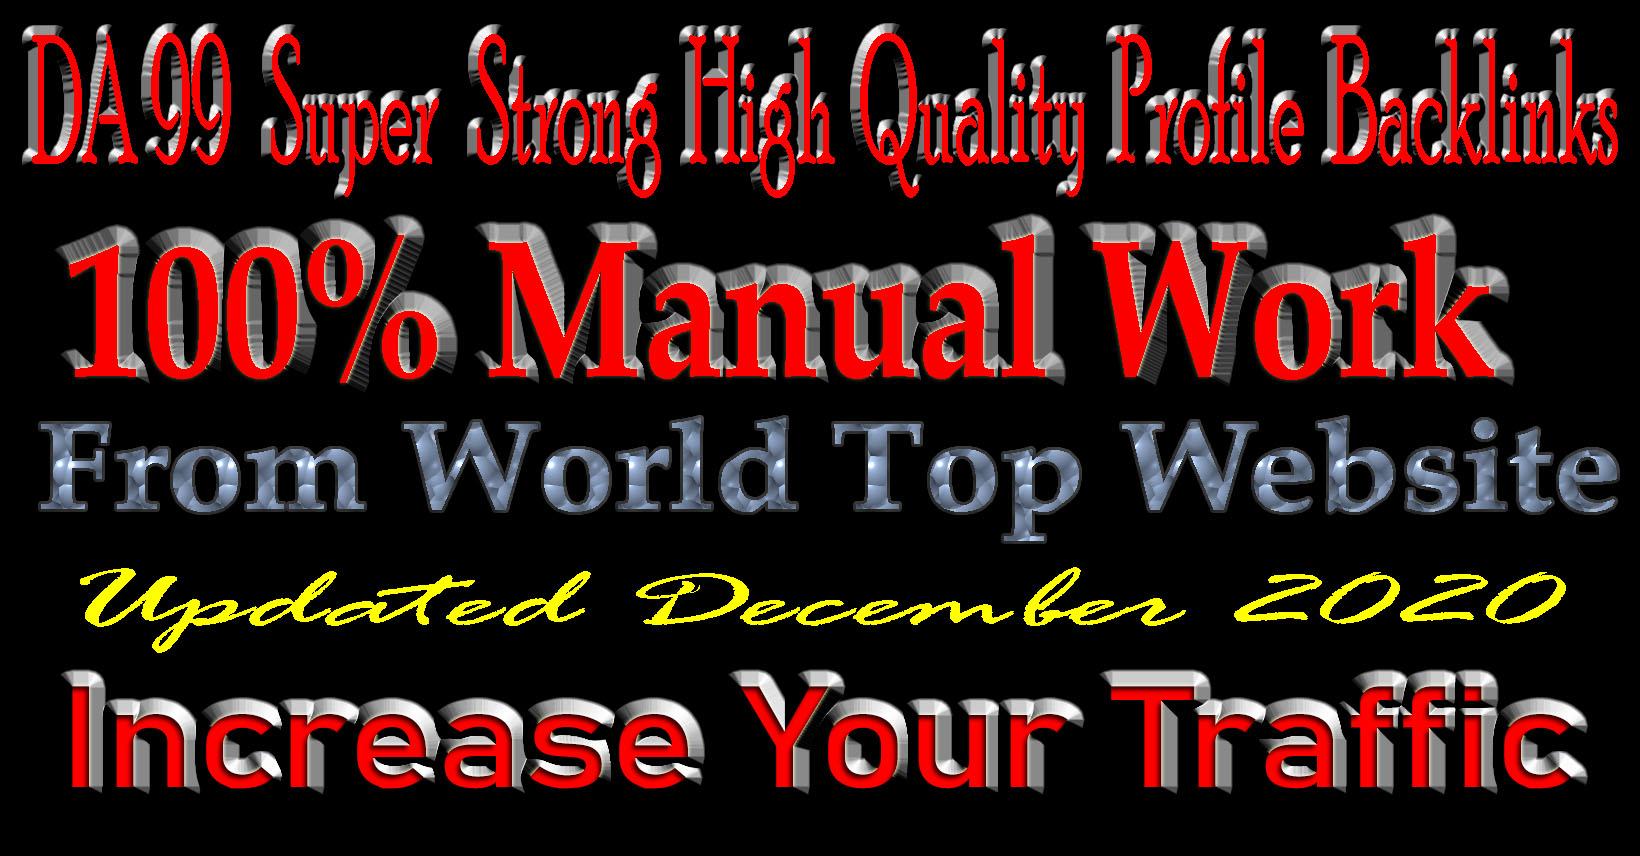 DA 92+ White Hat Powerfull Quality Profile Backlinks (Best Sell-2020)